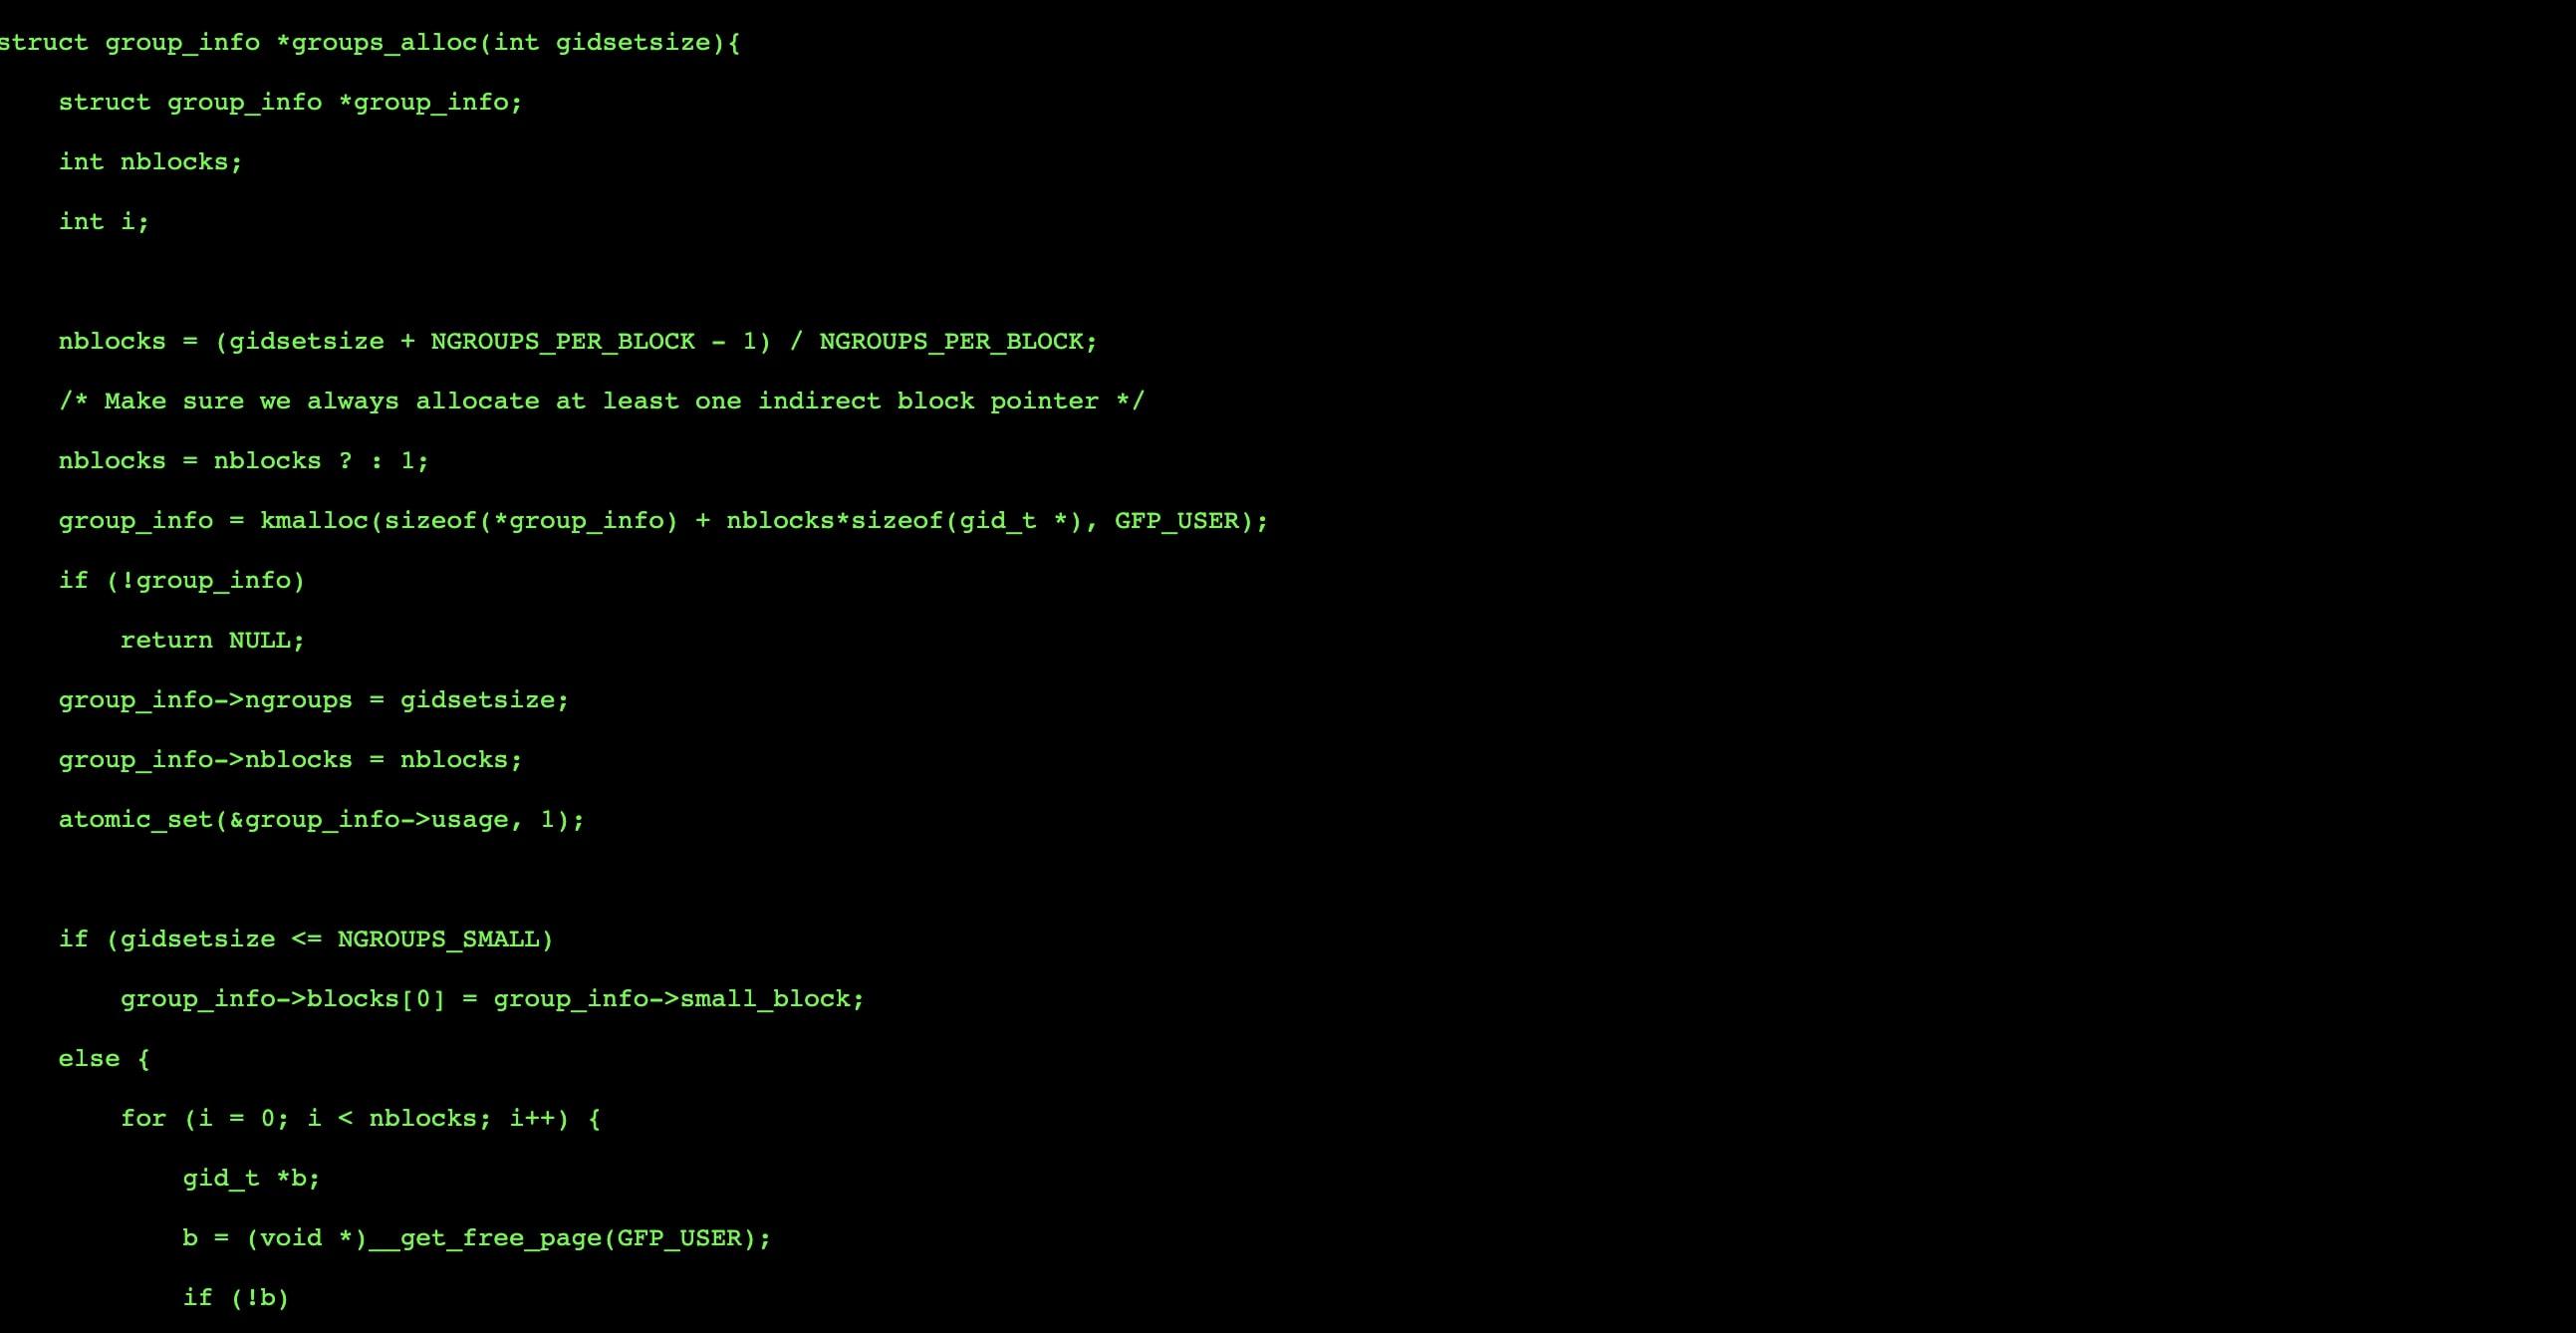 An image of the HackerTyper website.